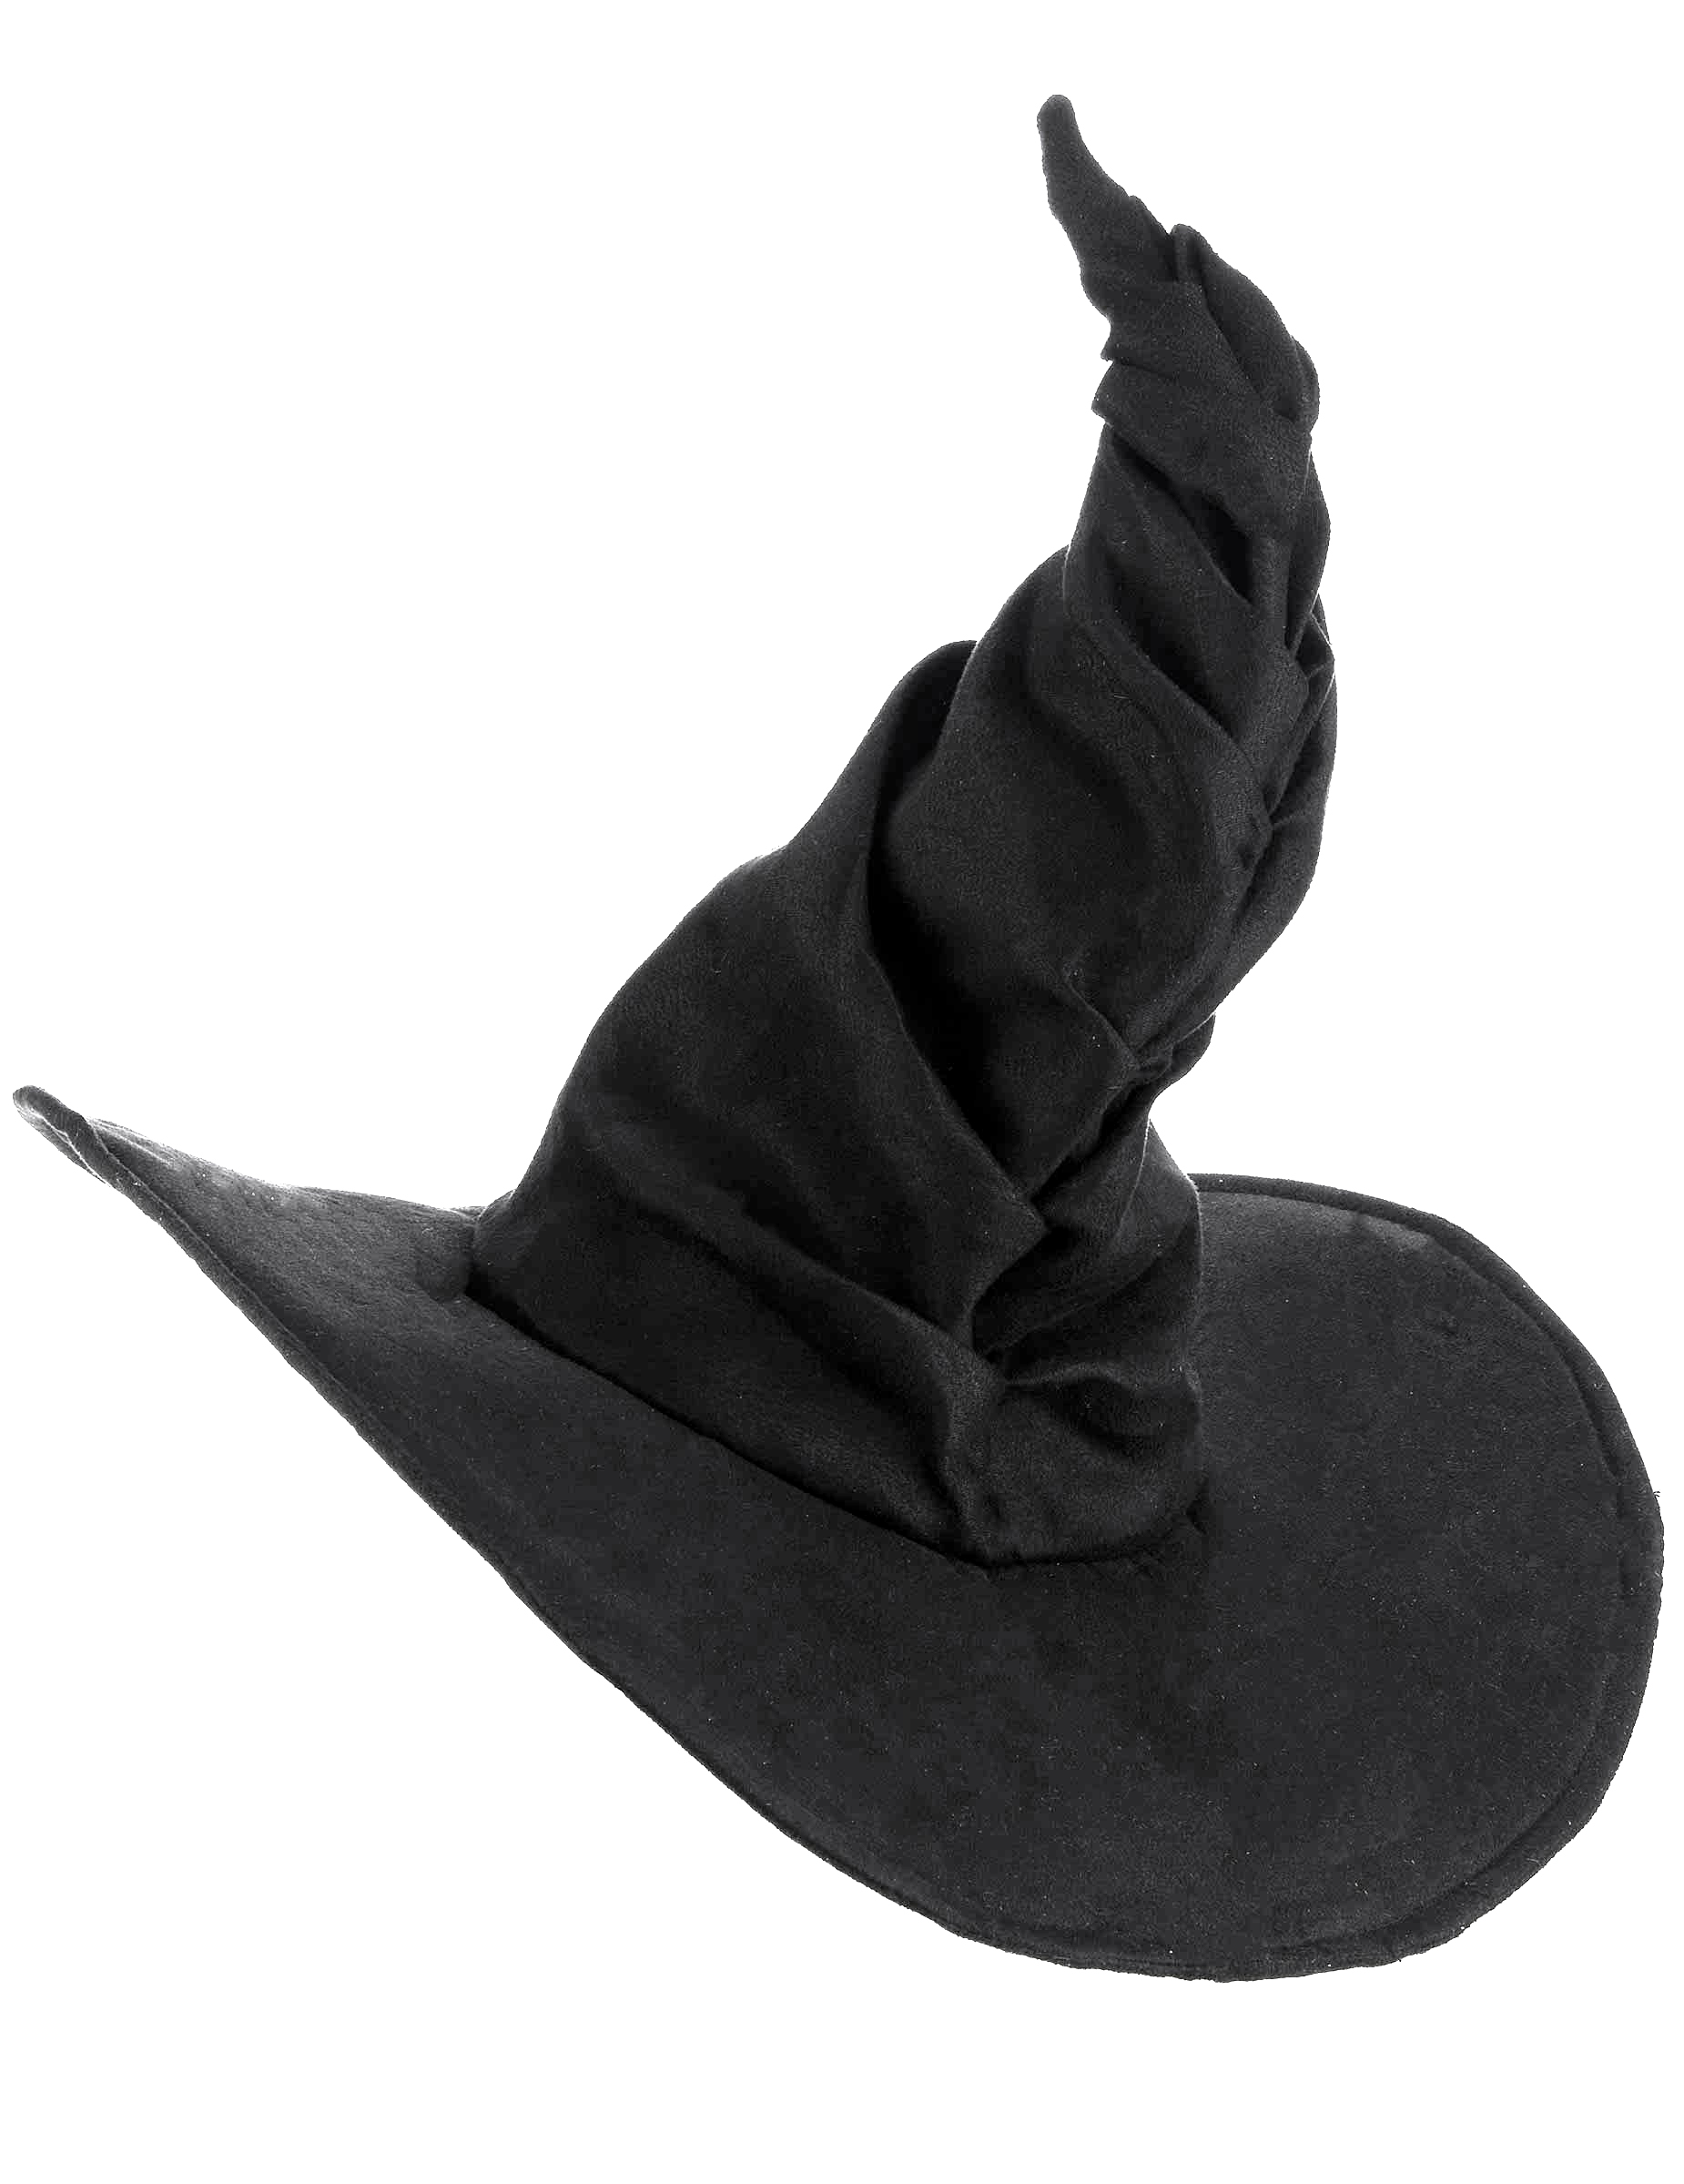 Cappello da strega nero in velluto adulto su VegaooParty ddf54aa0092f